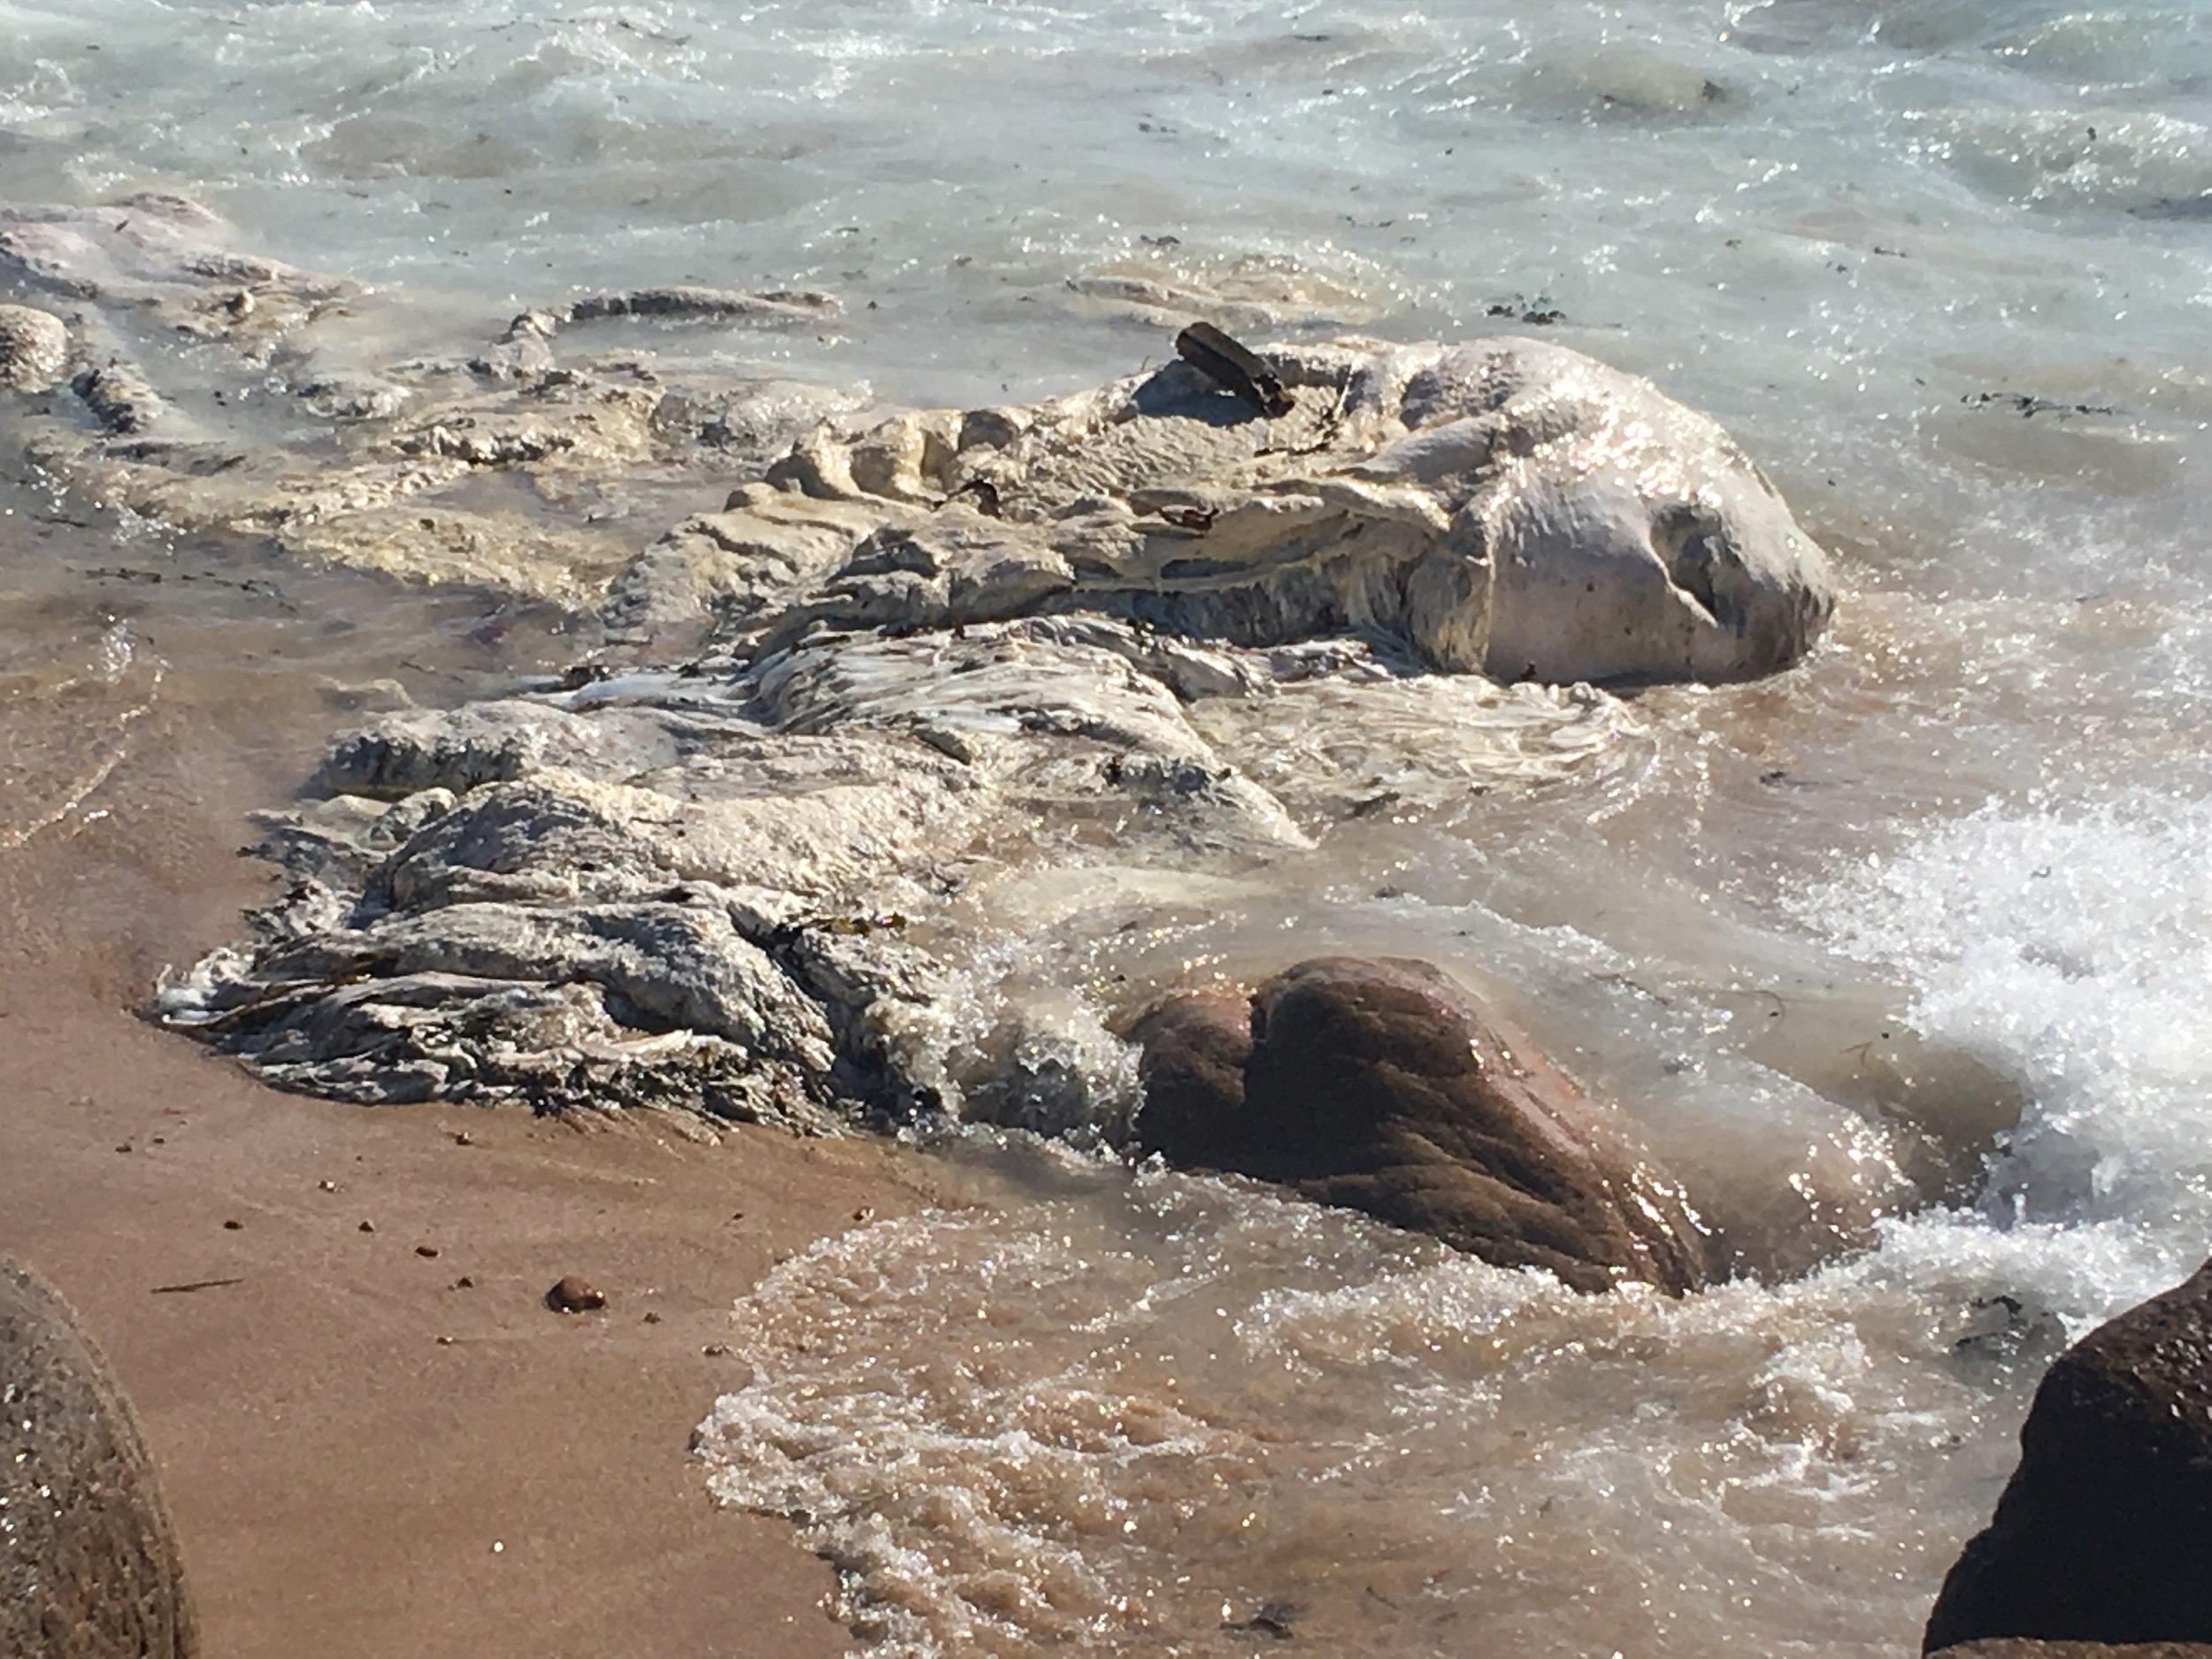 It's sea foam! No, it's a cuttlefish! No, it's a dead whale!